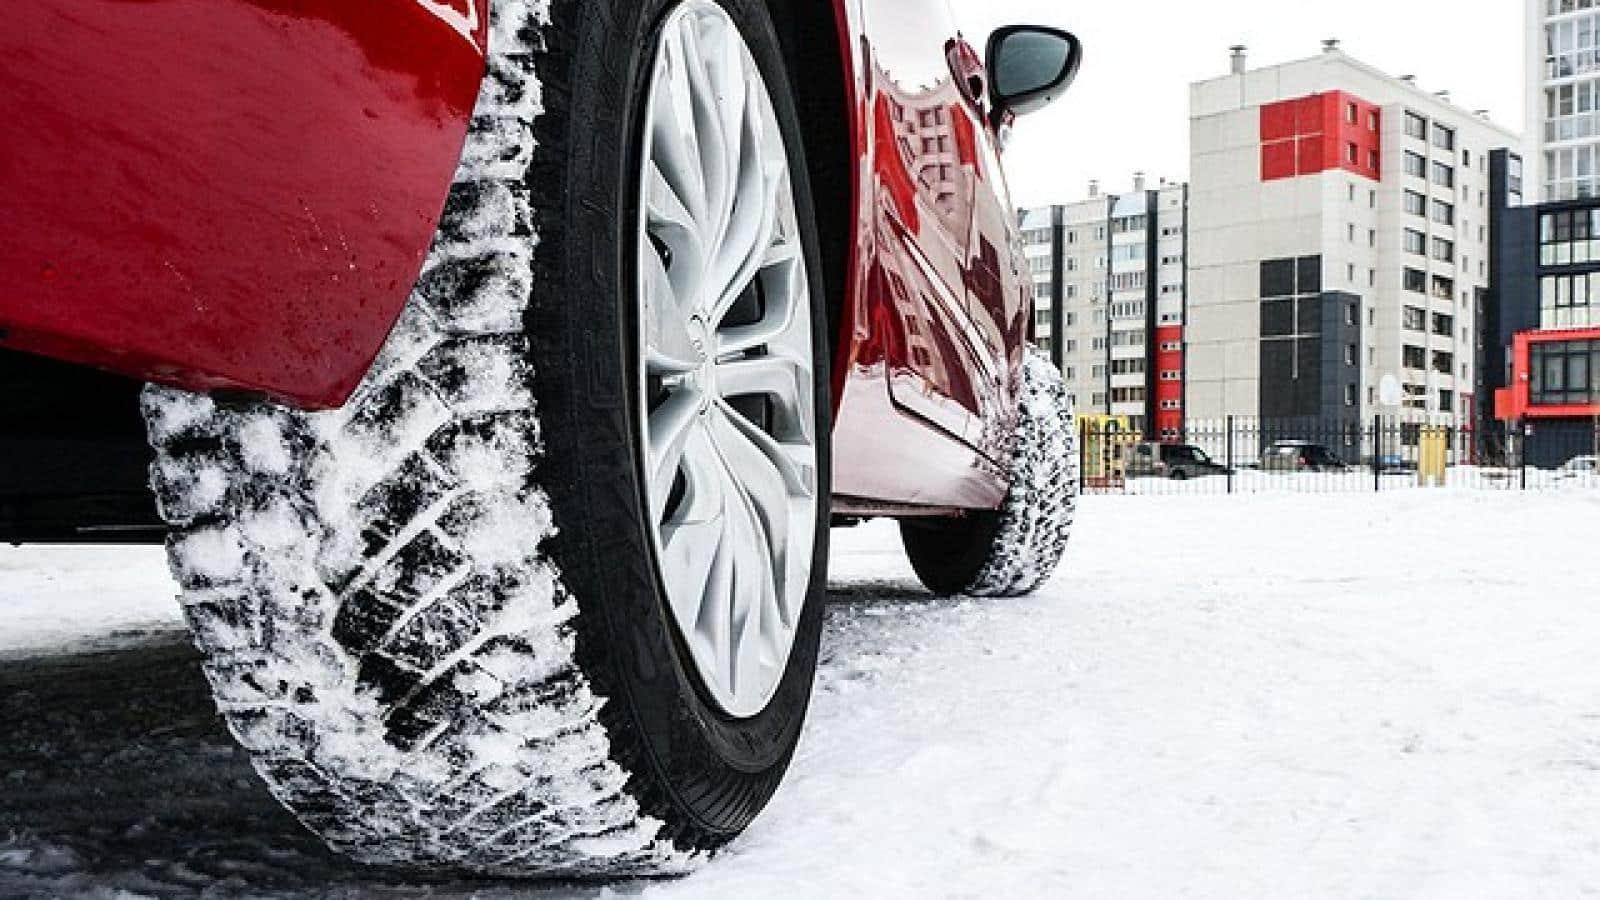 Когда необходимо летнюю резину заменить на зимнюю в Москве, Санкт-Петербурге и Екатеринбурге в 2019 году